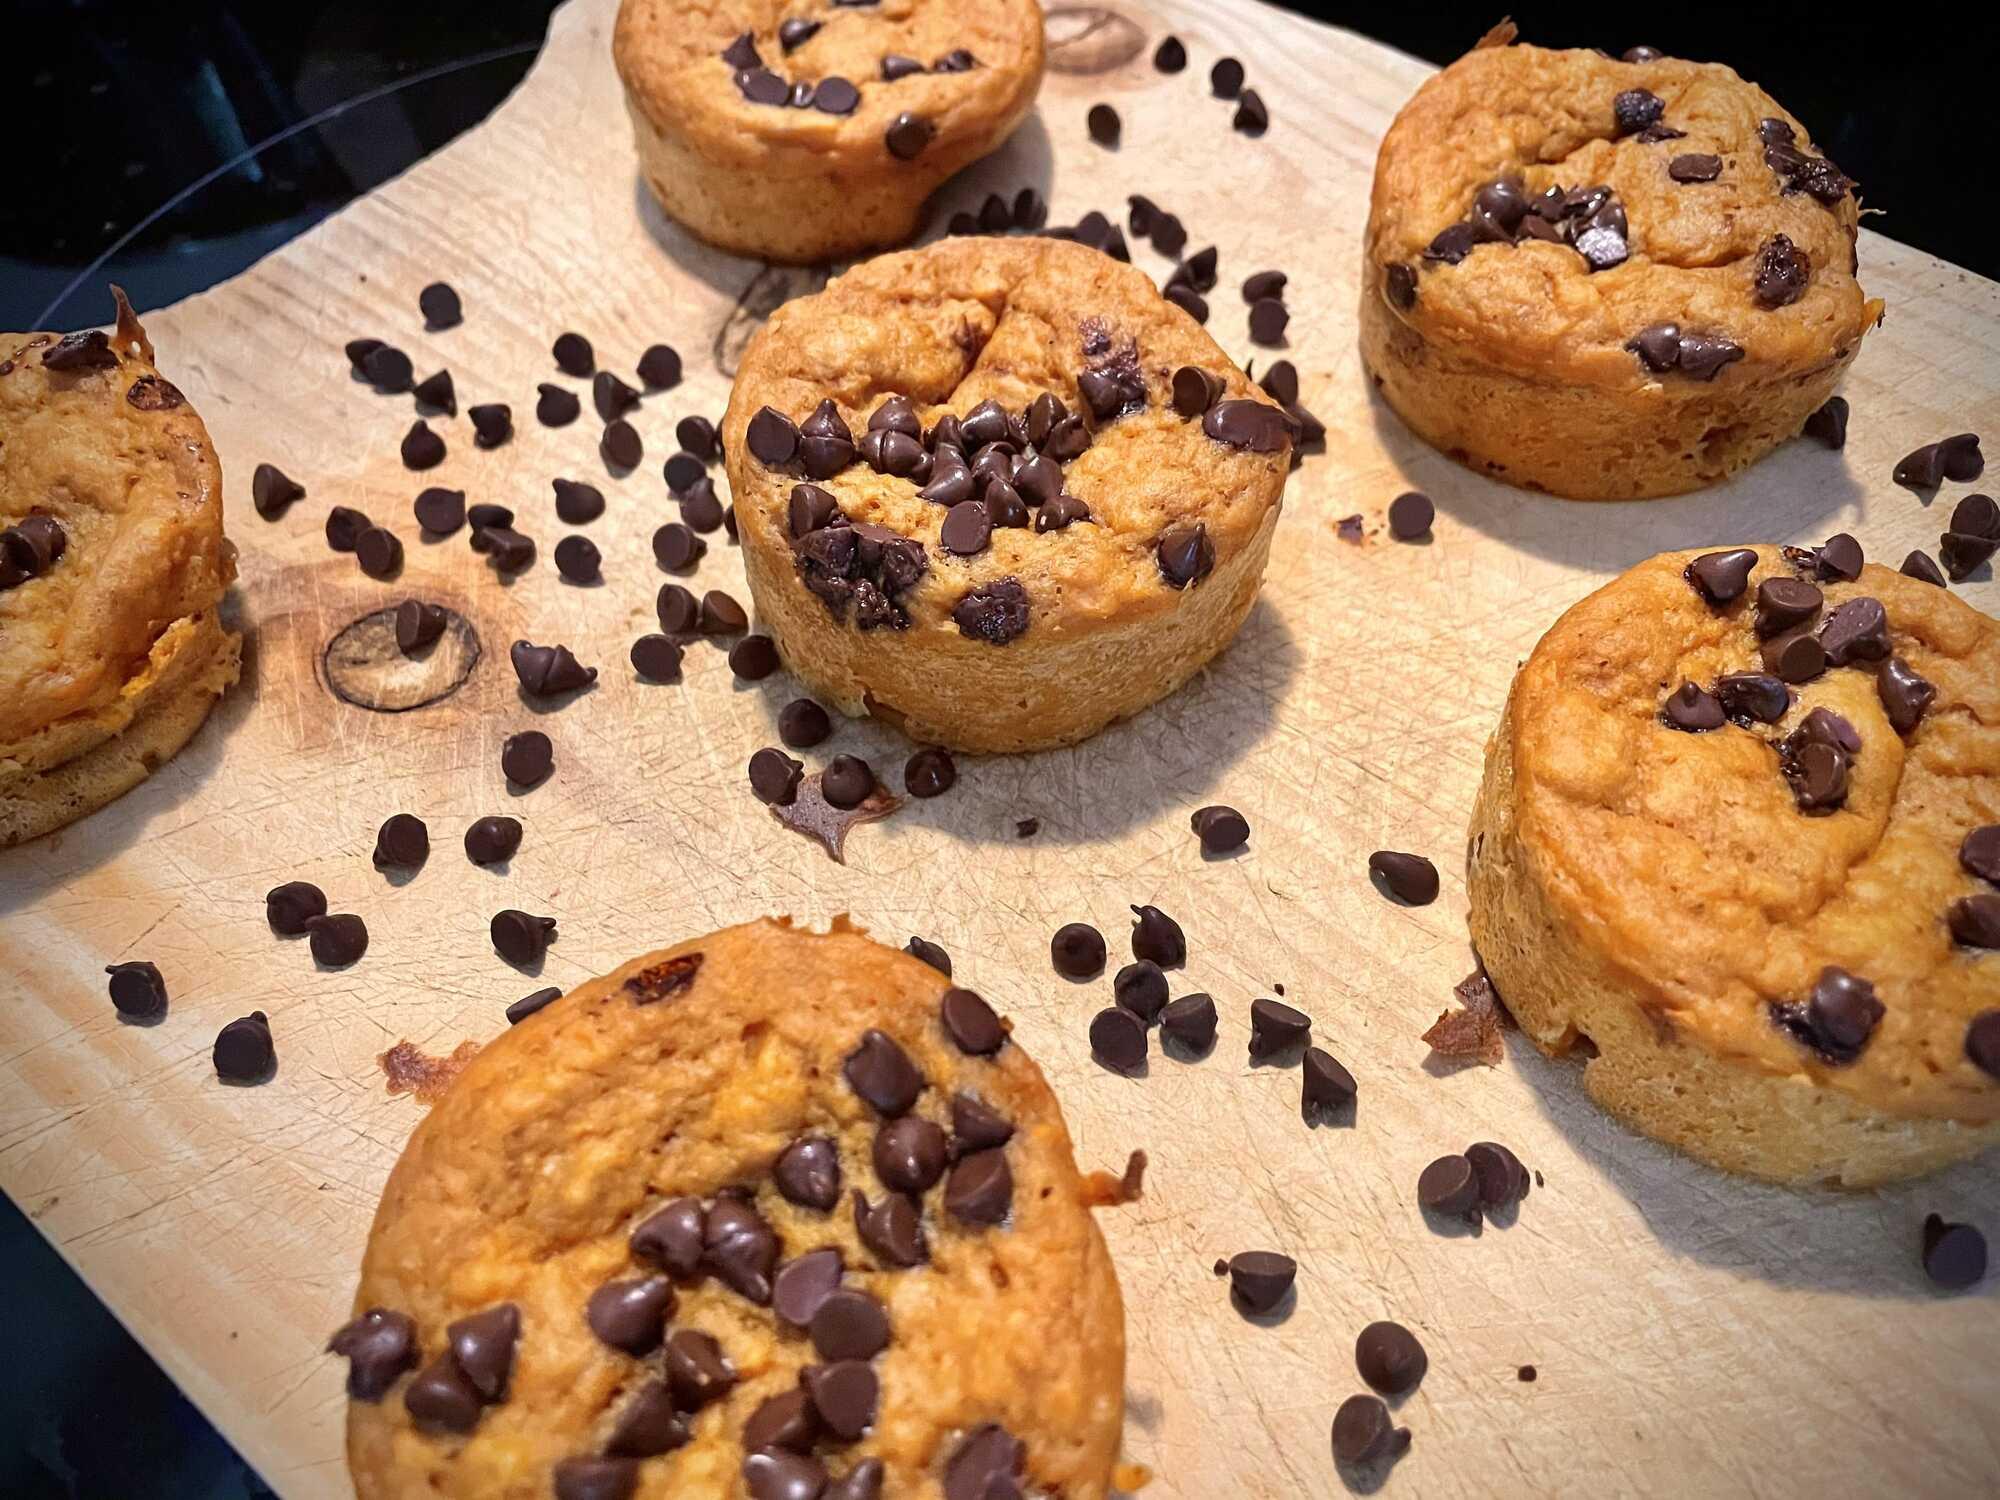 Sur un plateau de bois clair sont disposés six beaux muffins bien dorés saupoudrés de pépites de chocolat.